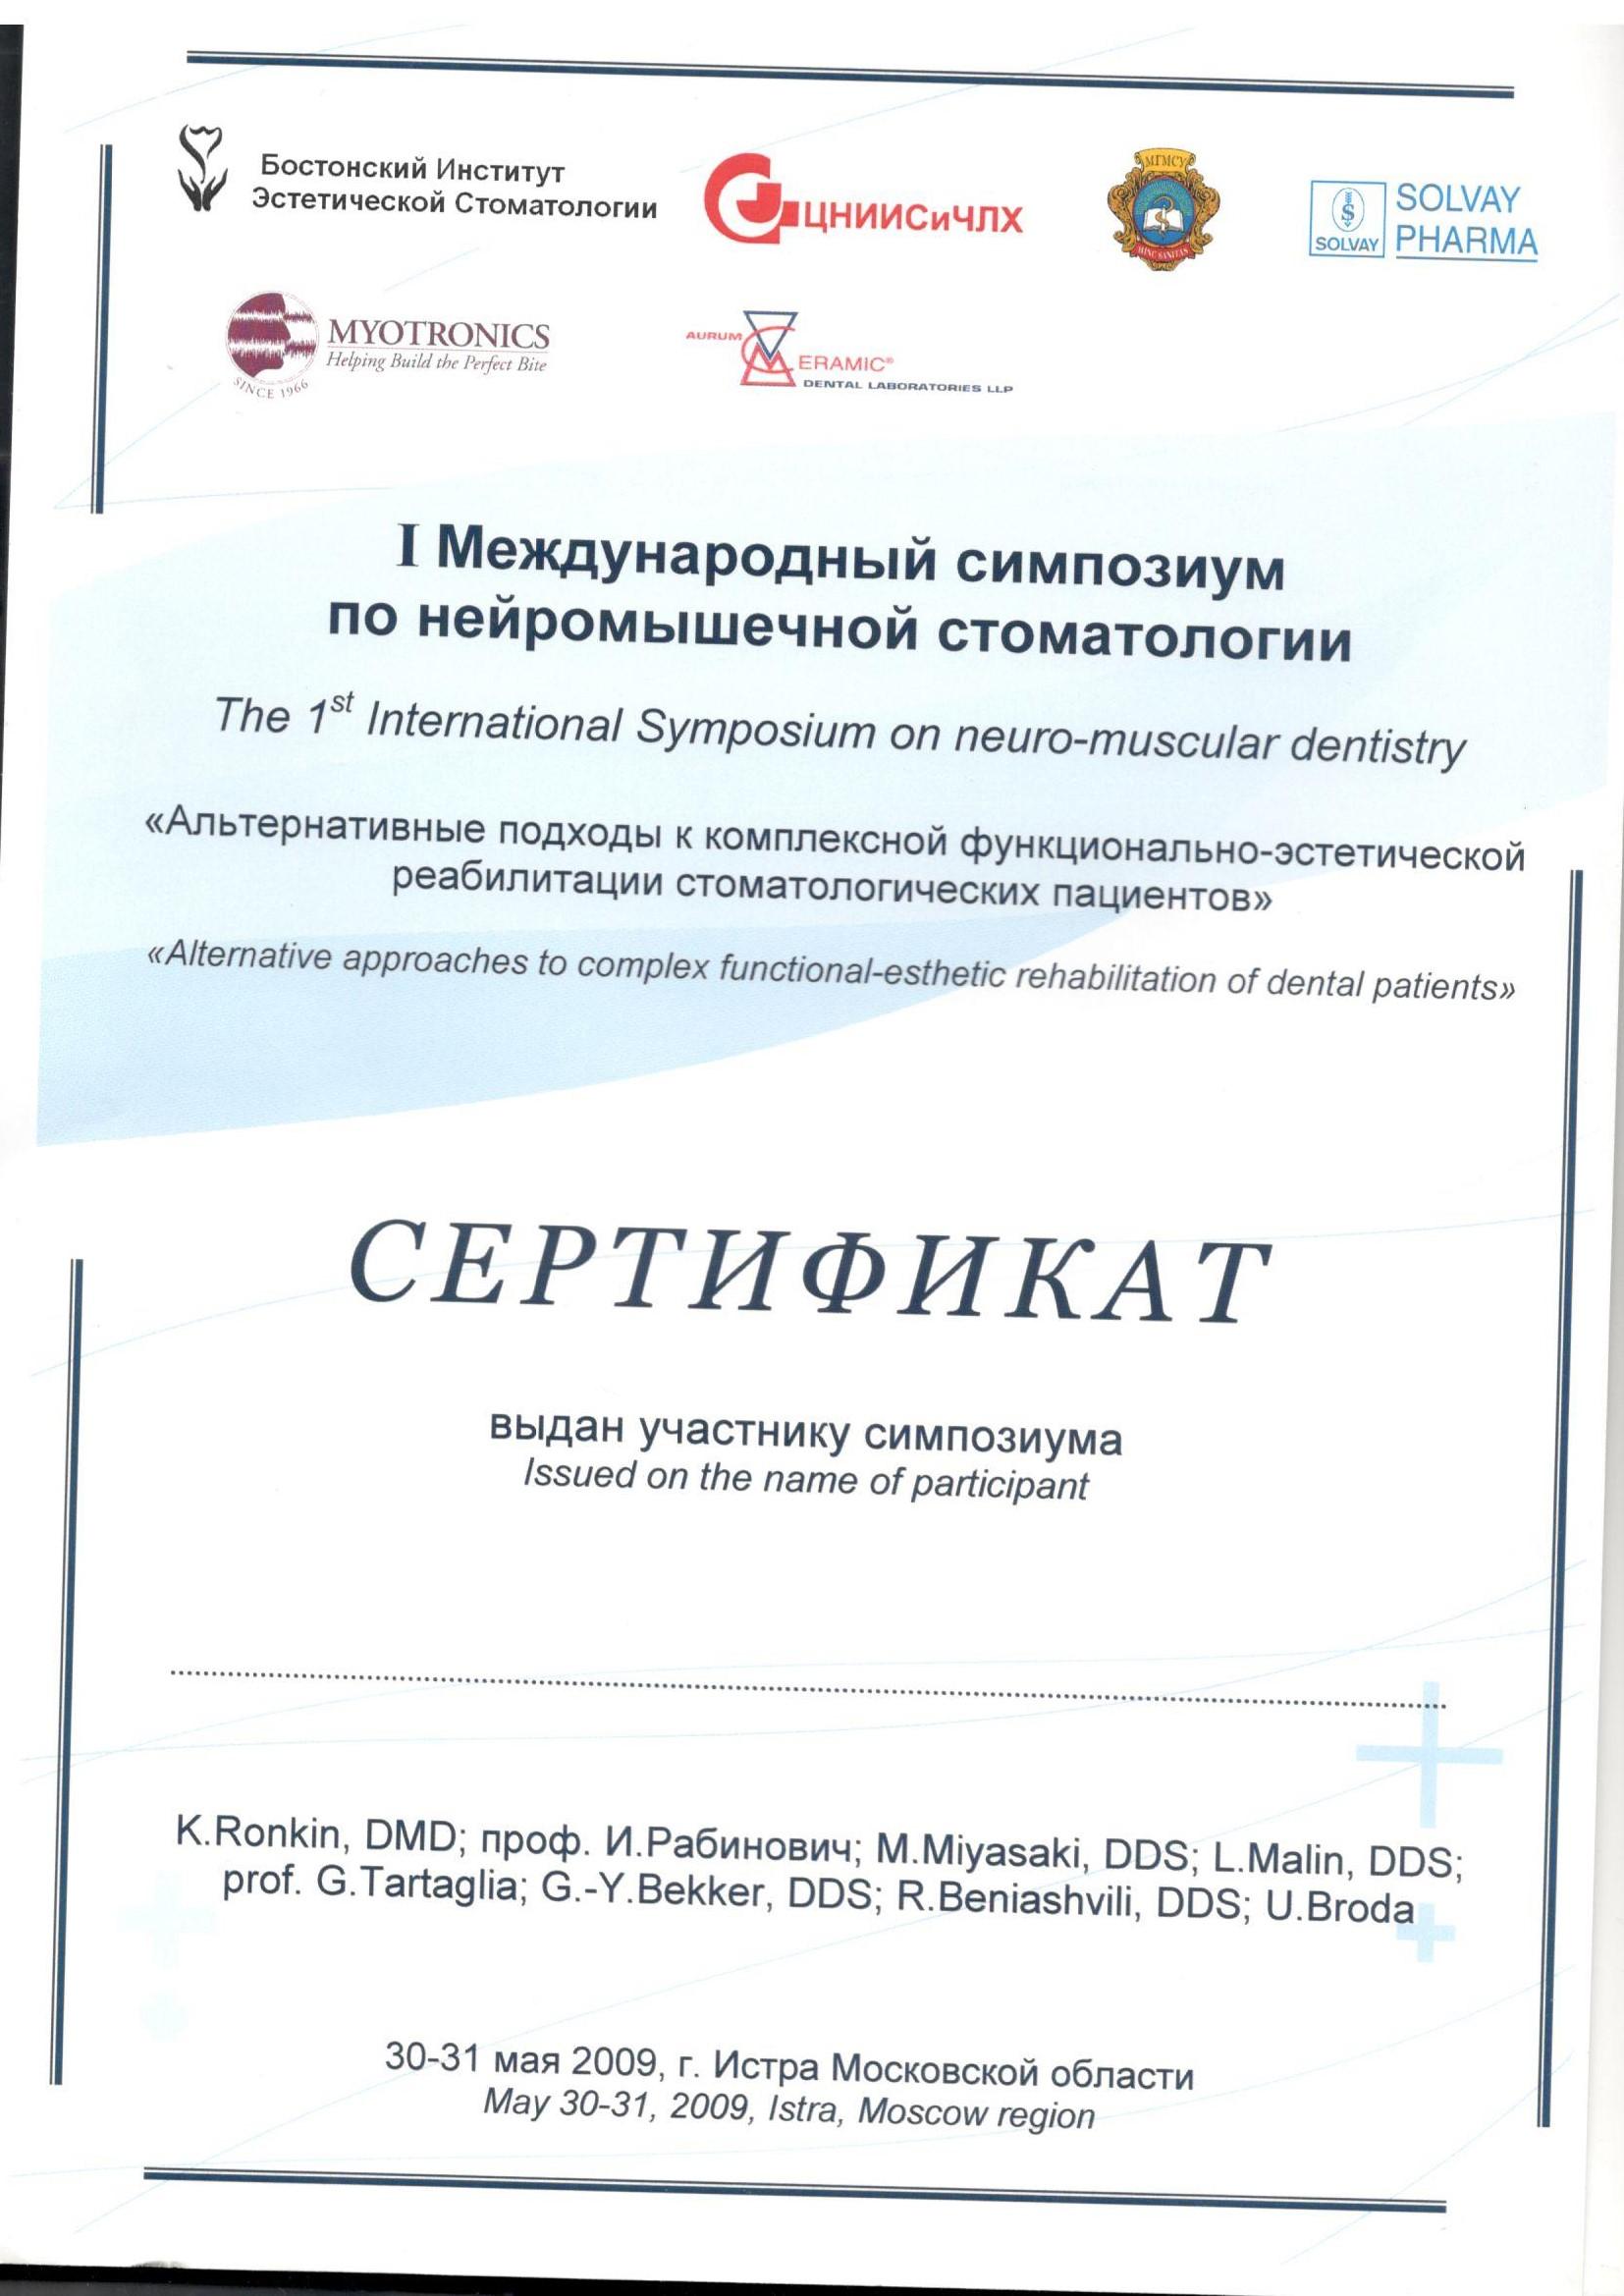 2009 симпозиум по нейромышечной стоматологии